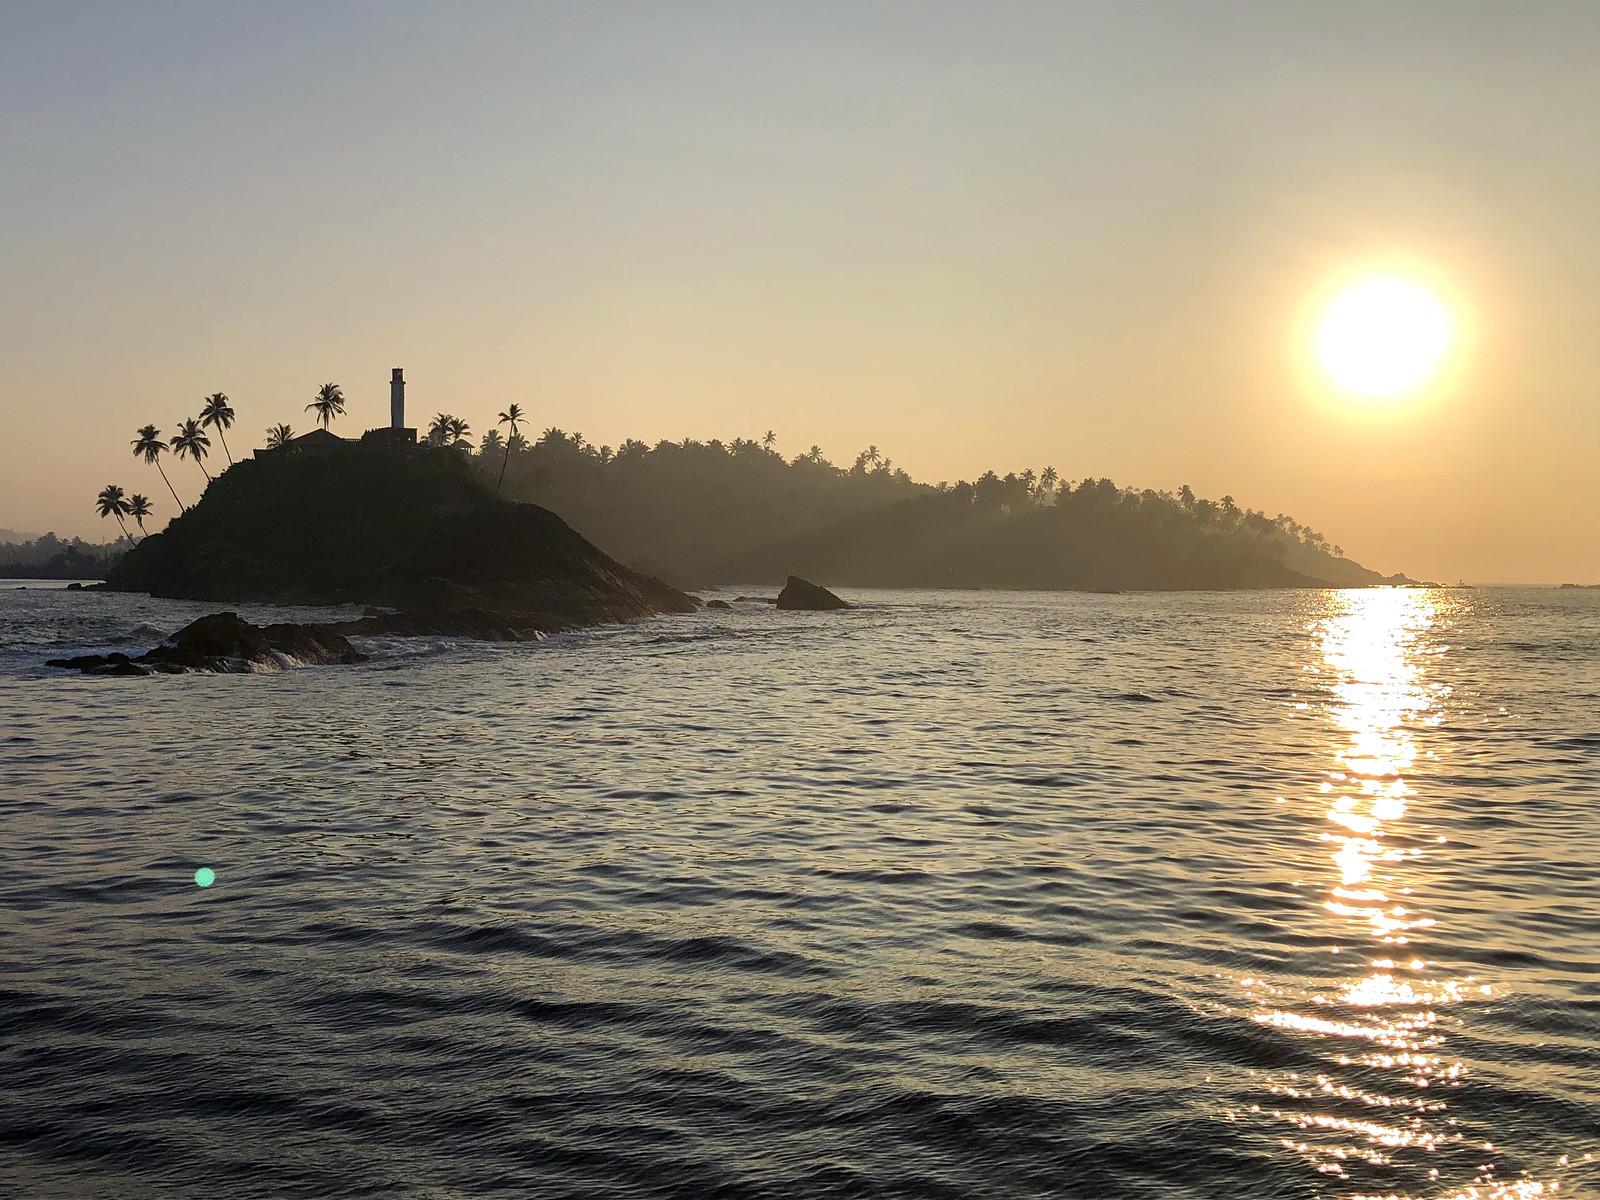 Qué hacer en Unawatuna, Sri Lanka qué hacer en unawatuna - 33260187158 4905c9dd52 h - Qué hacer en Unawatuna, el paraíso de Sri Lanka